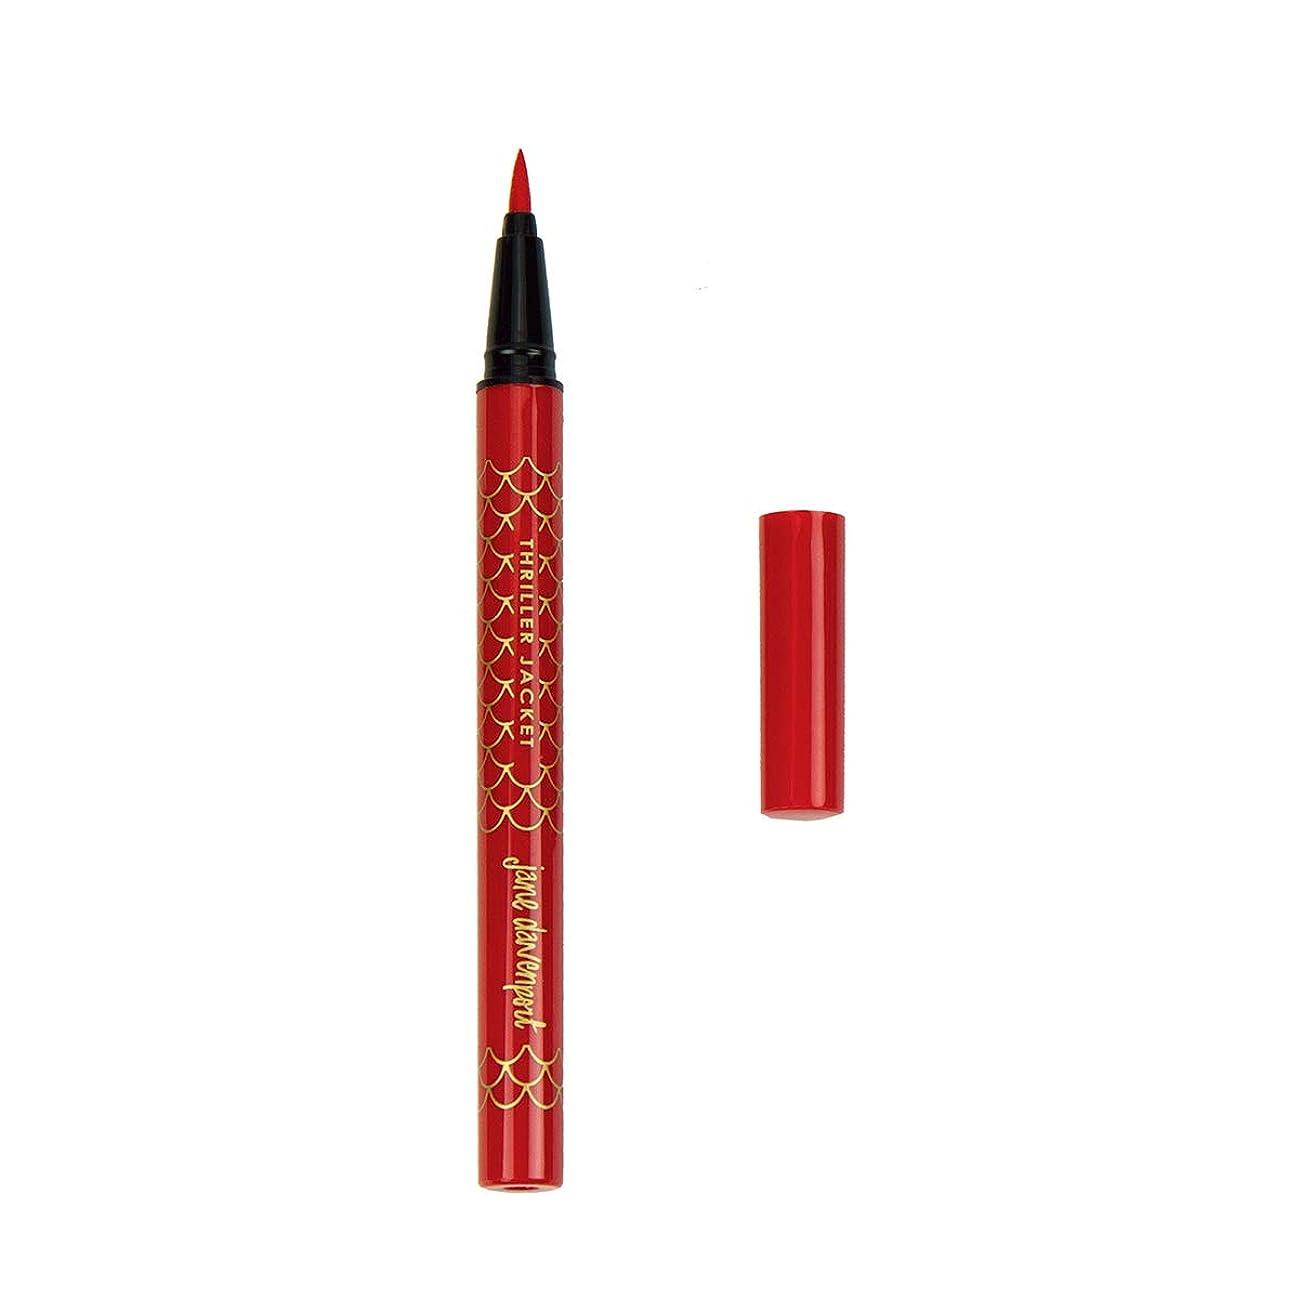 Spellbinders JDM-025 Ultimate Waterproof Brush Pen, Thriller Jacket